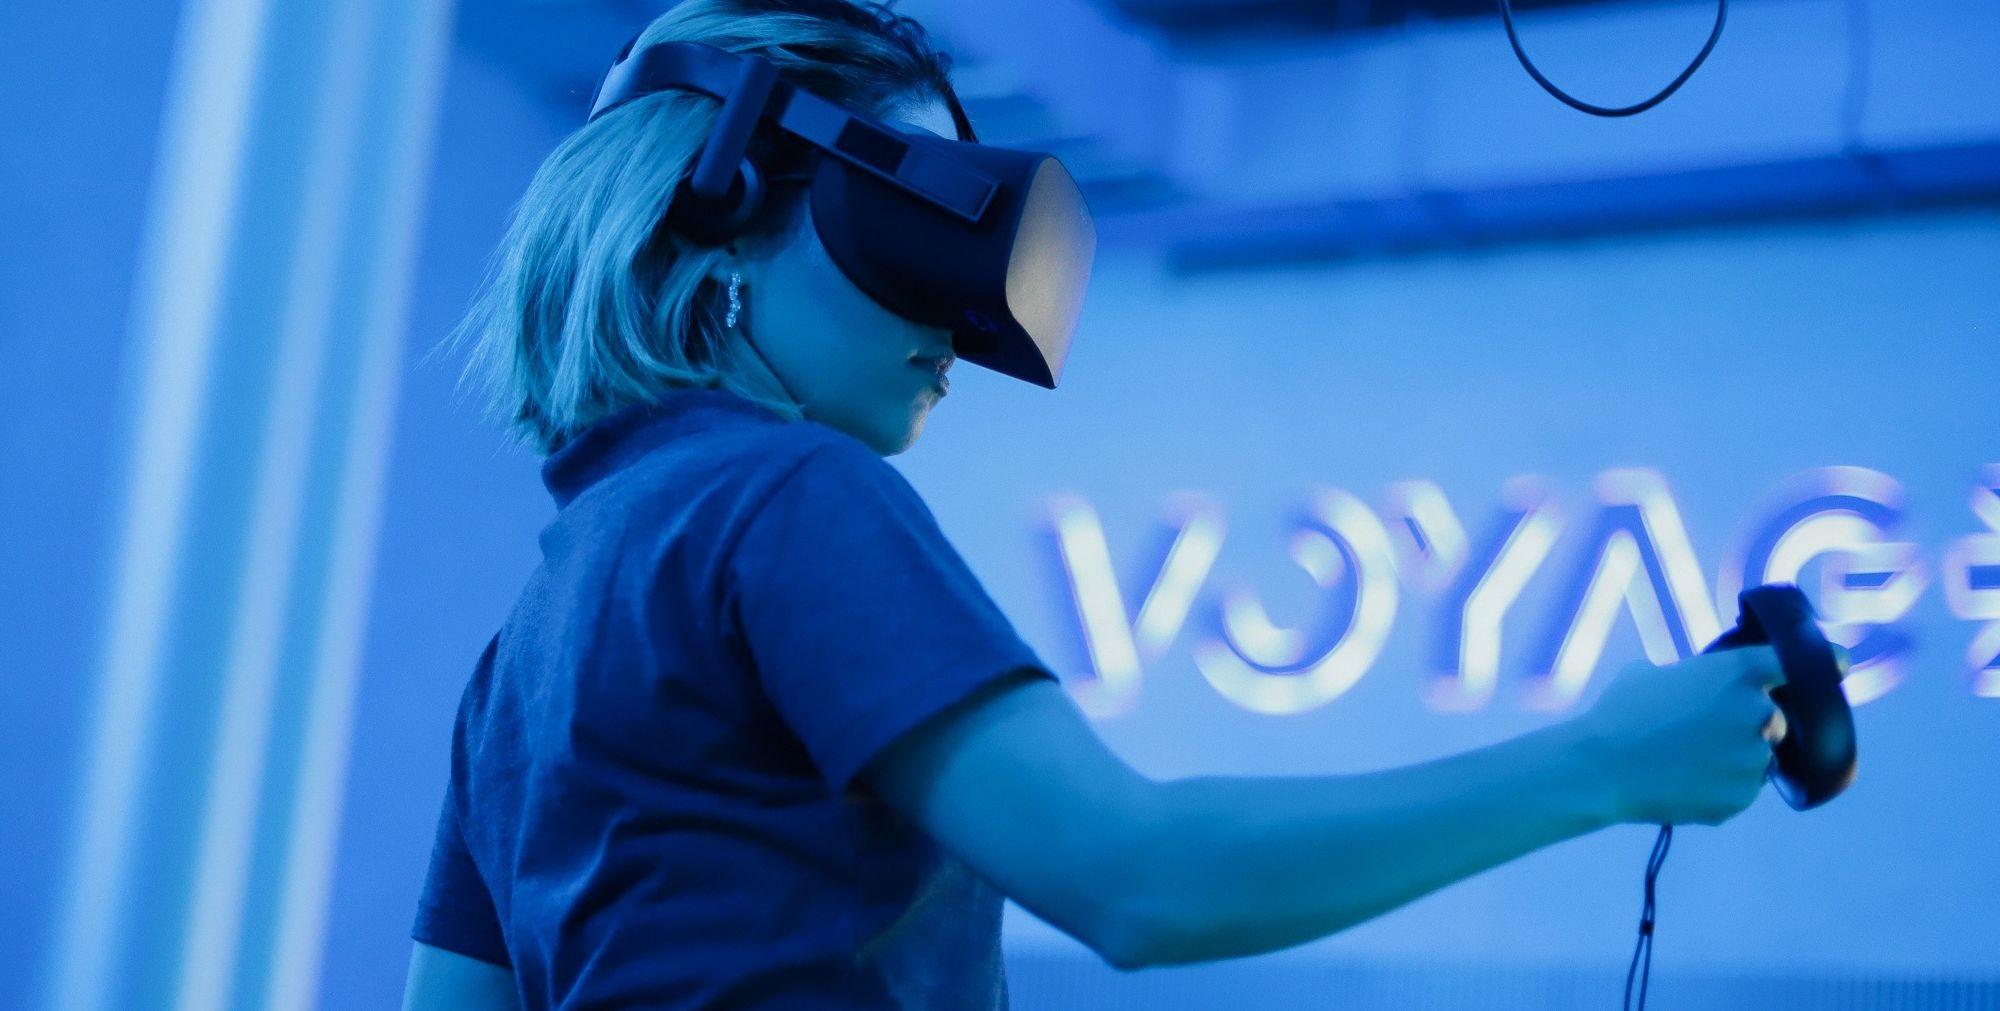 Voyager Centro Realidade Virtual